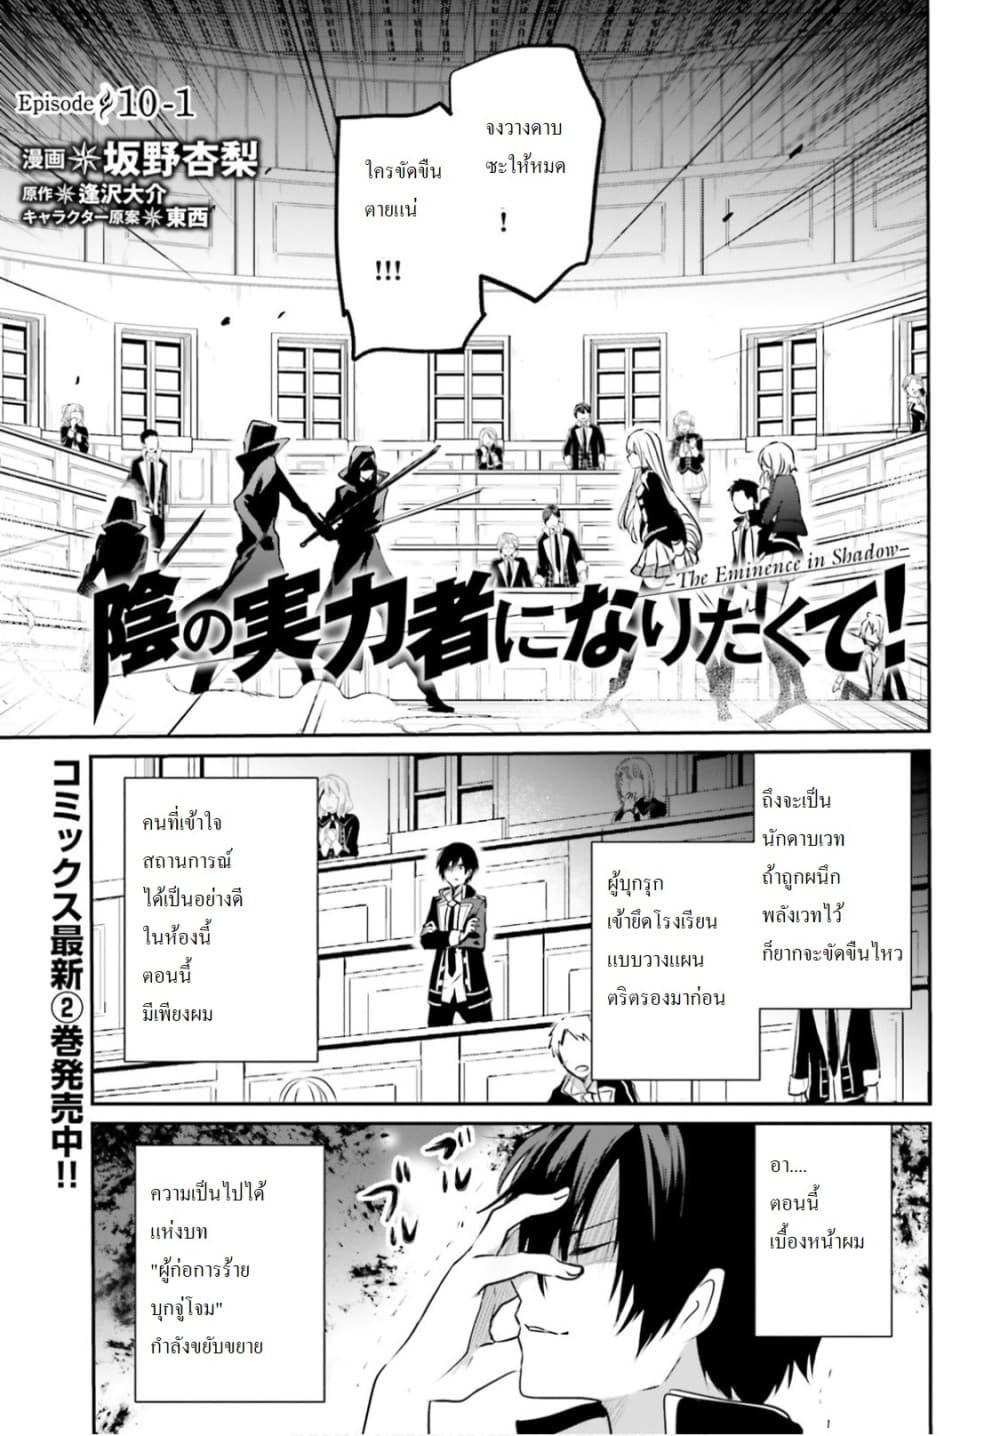 อ่านการ์ตูน Kage no Jitsuryokusha ni Naritakute! ตอนที่ 10.1 หน้าที่ 1